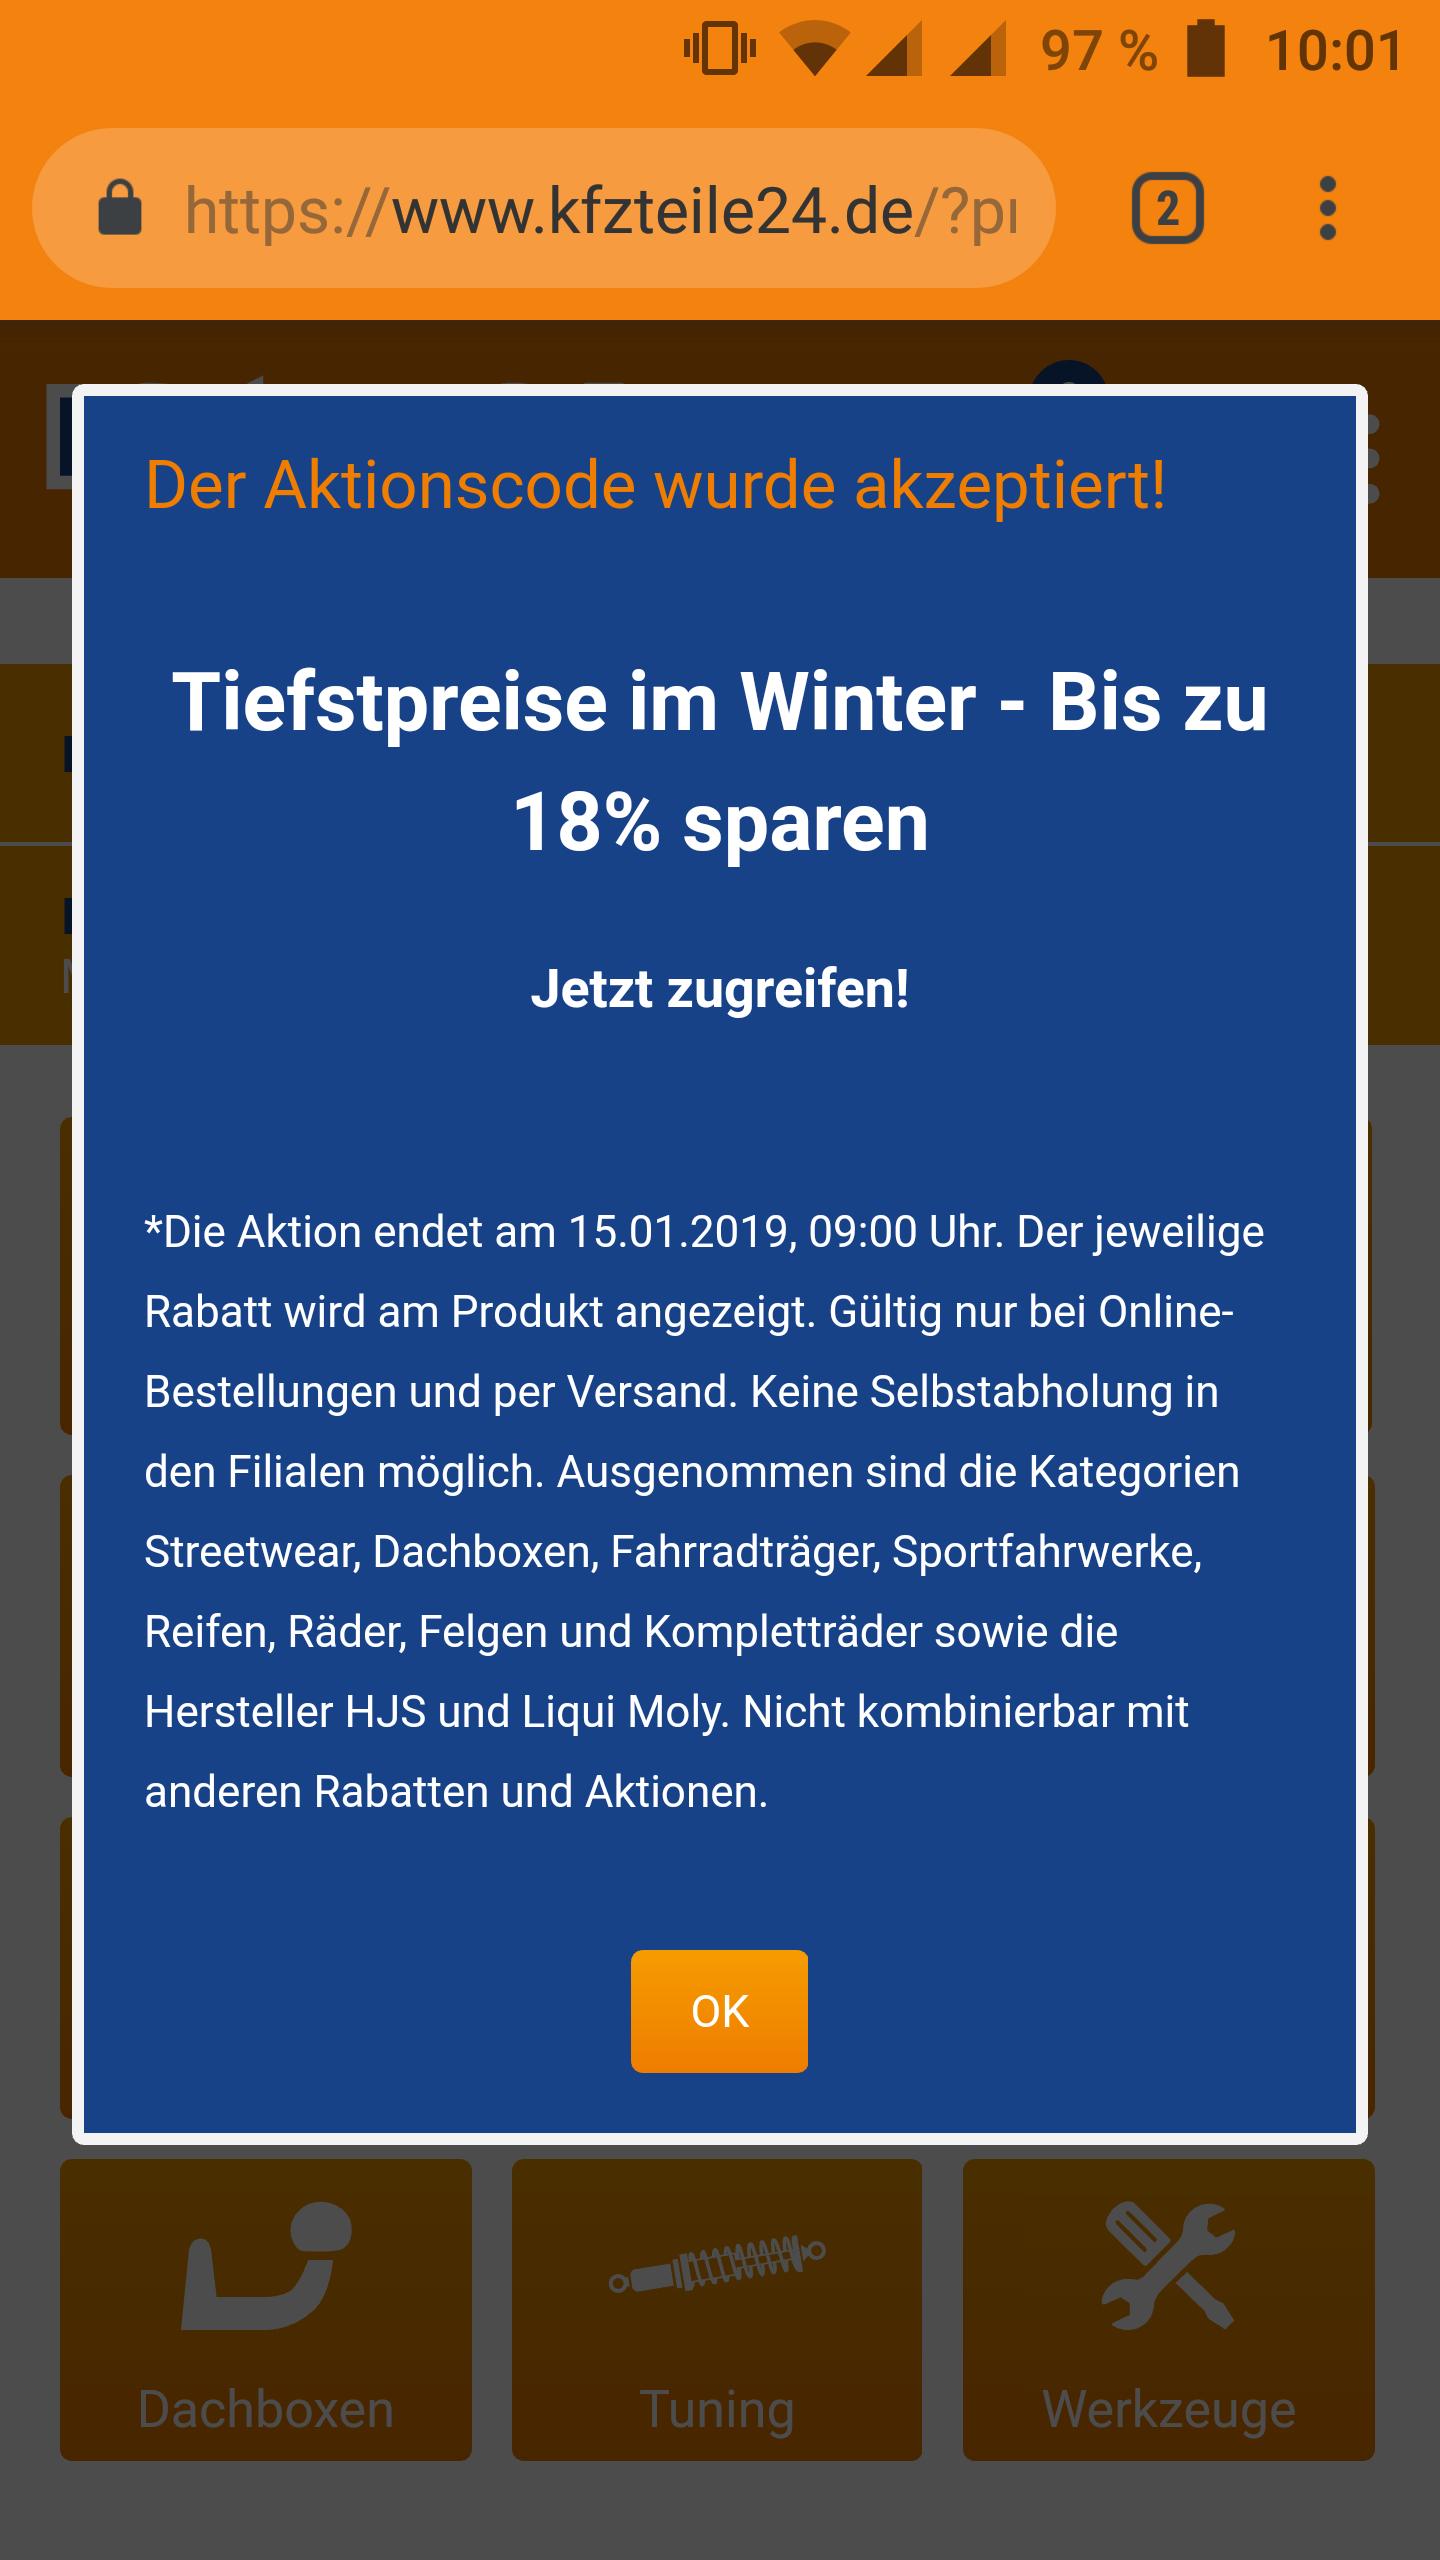 kfzteile24 - bis zu 18% Rabatt bis 15.01.